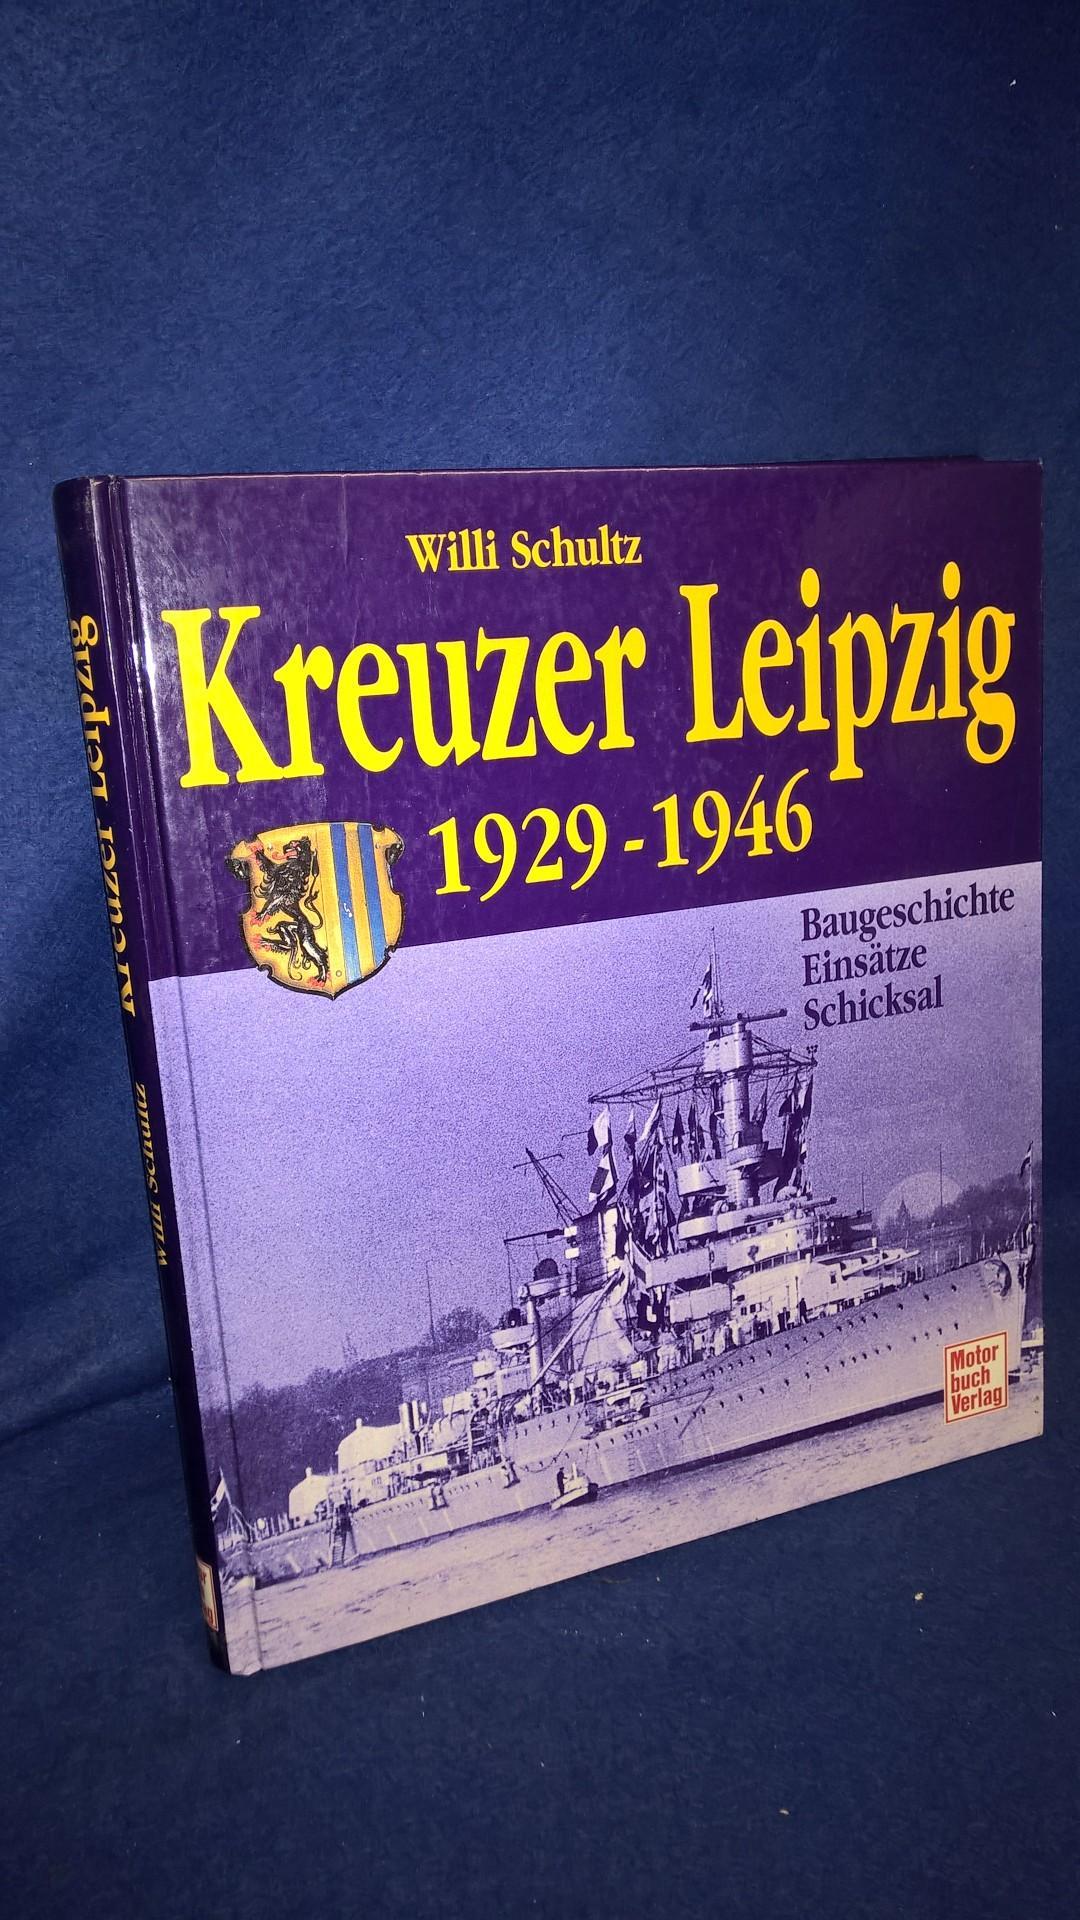 Kreuzer Leipzig Baugeschichte, Einsätze, Schicksal 1929 - 1946.